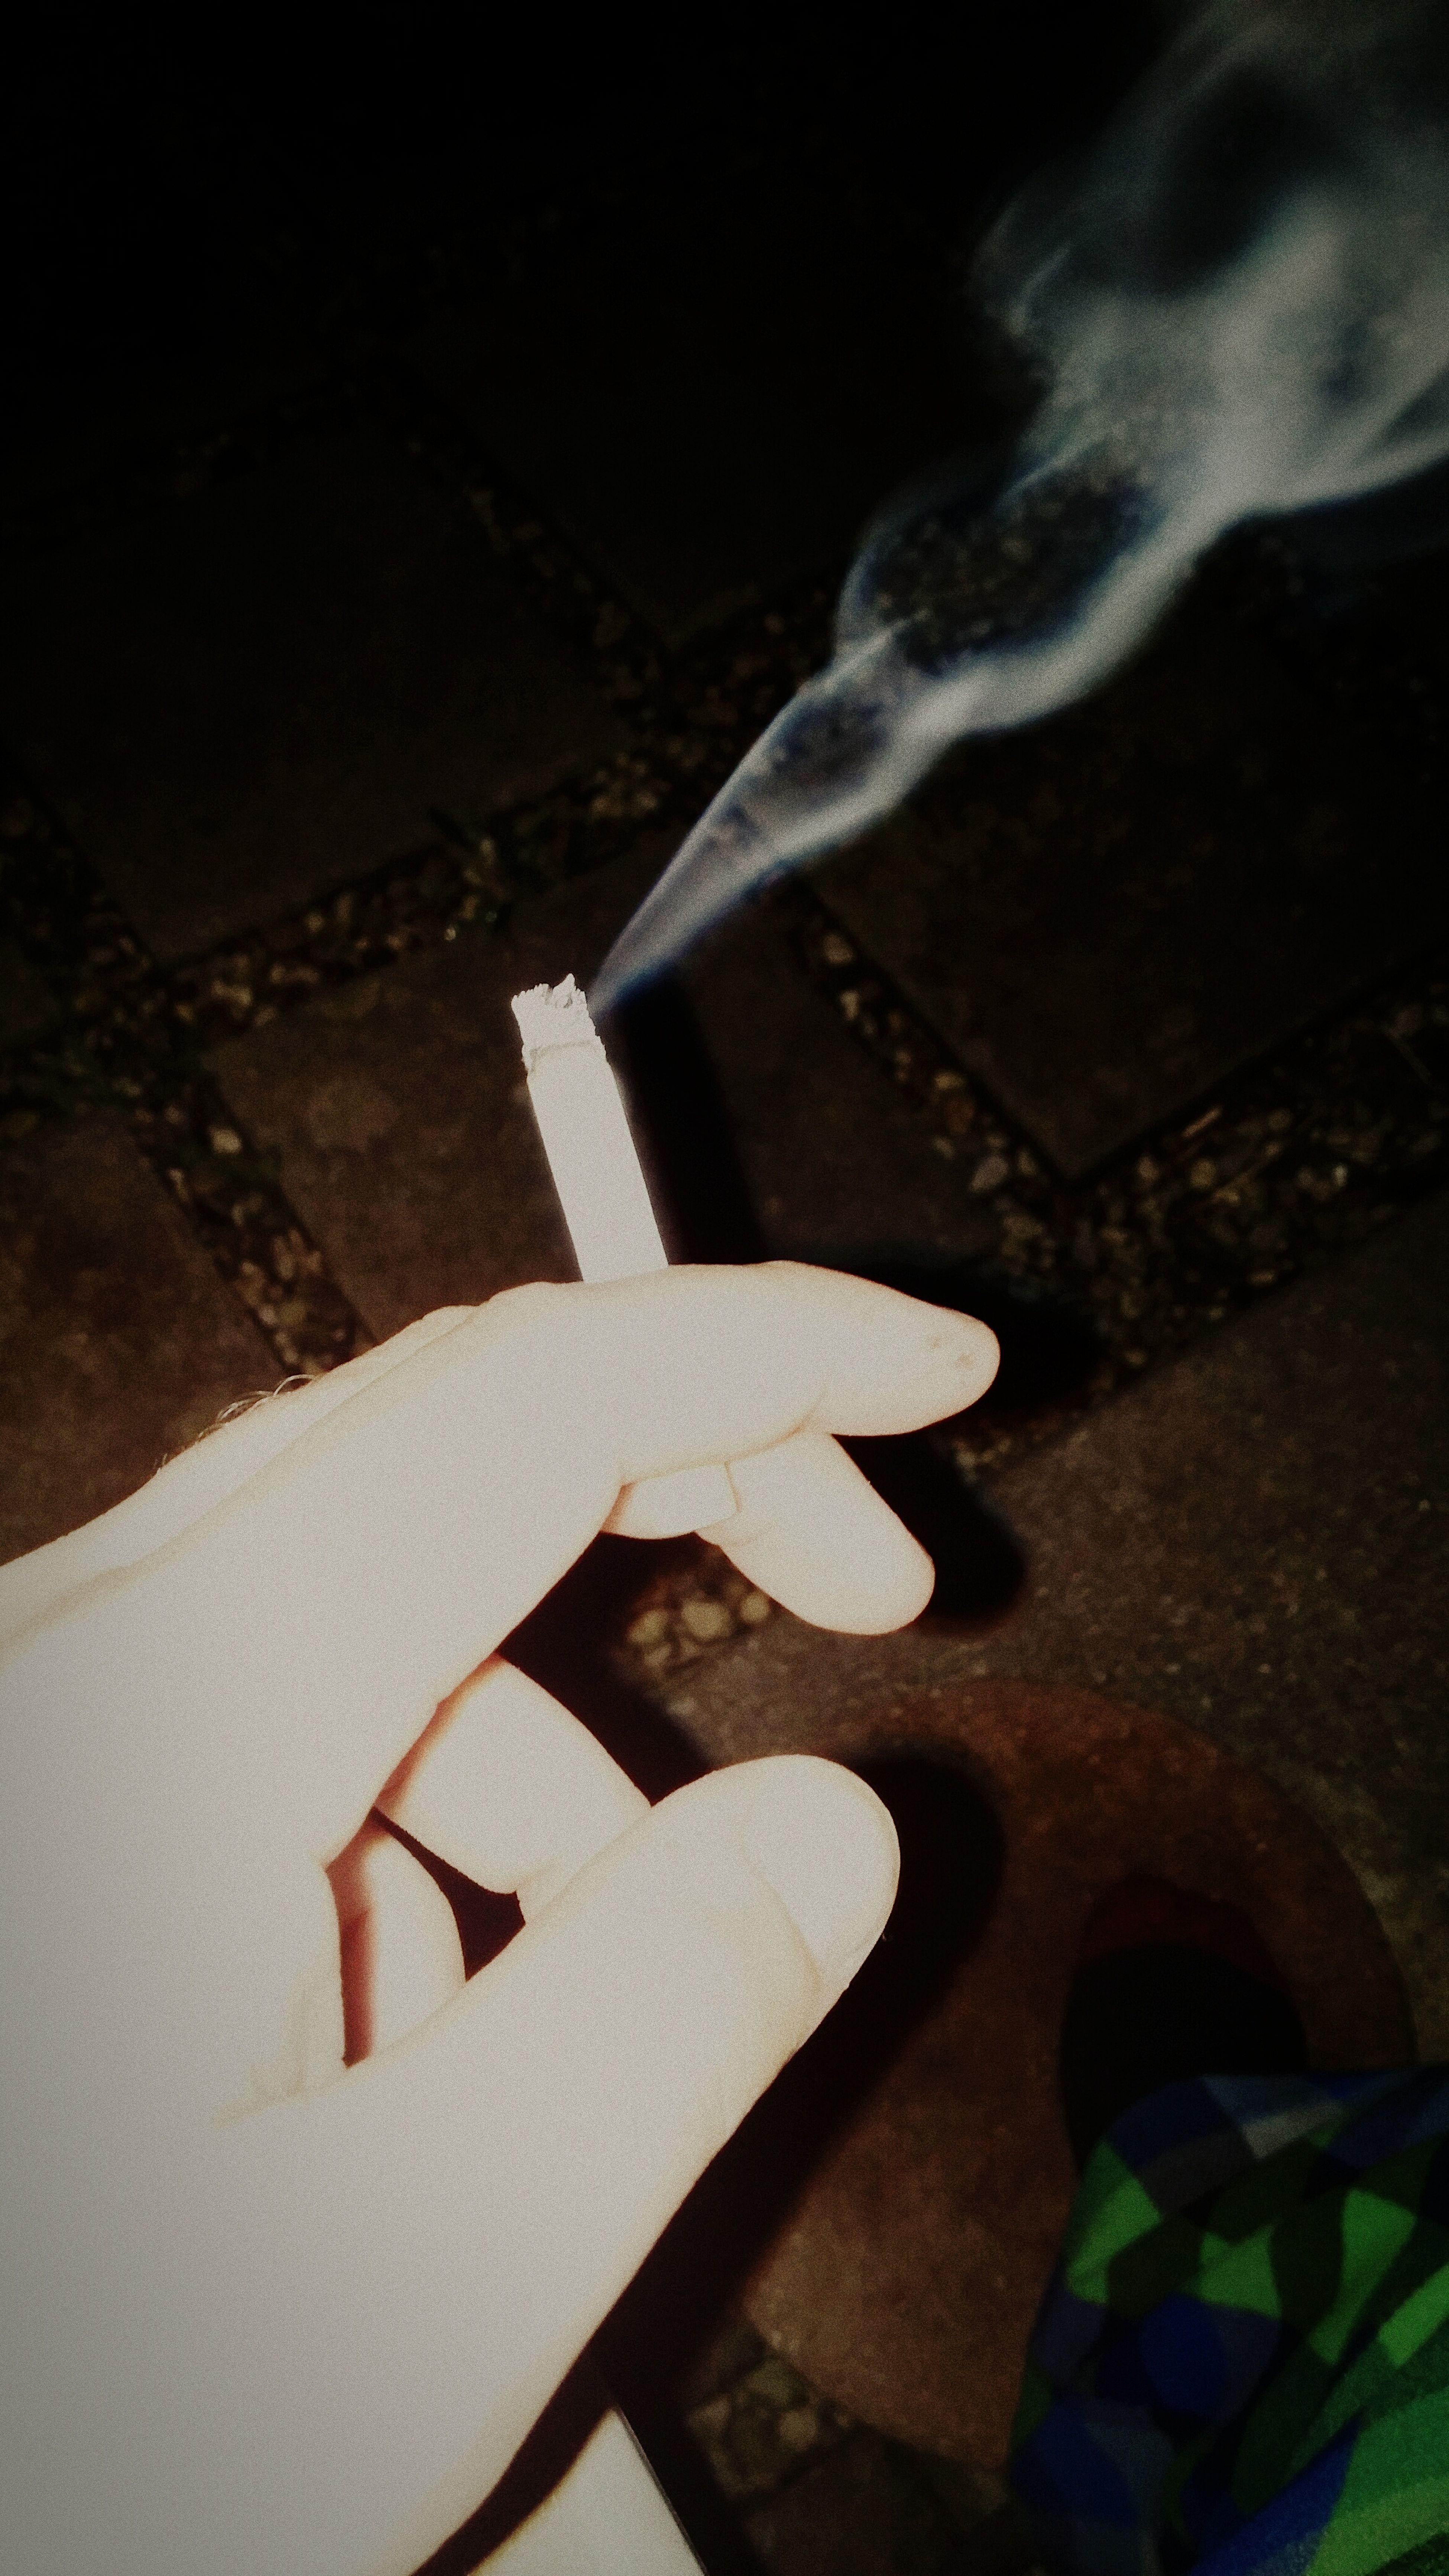 Late night smokes bring peace